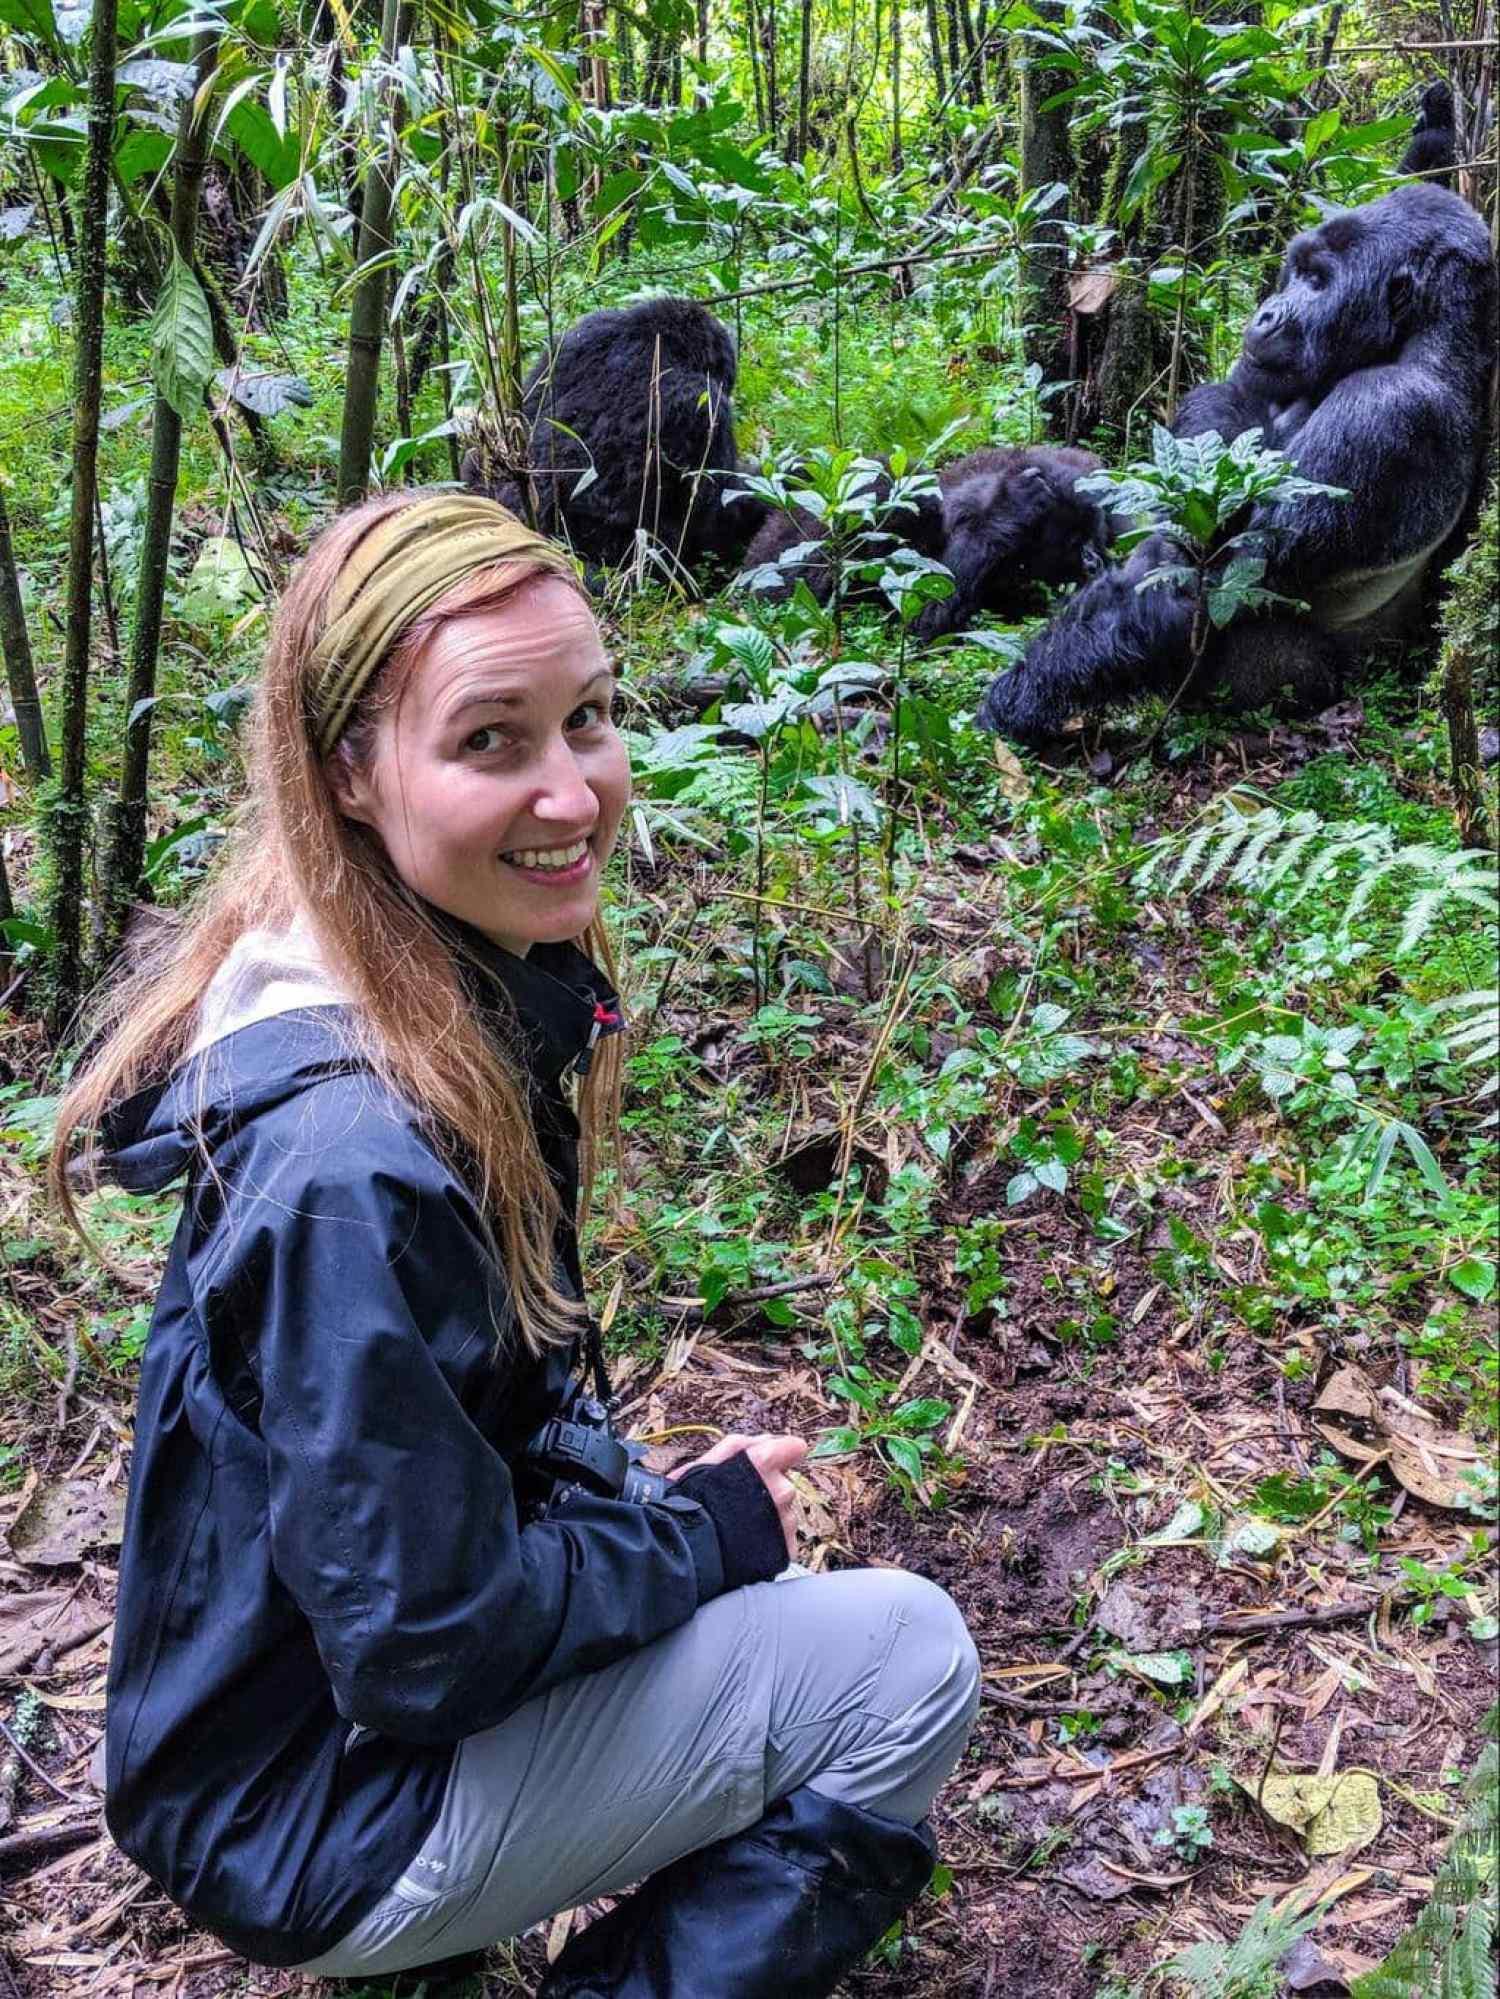 Me and the mountain gorillas in Rwanda